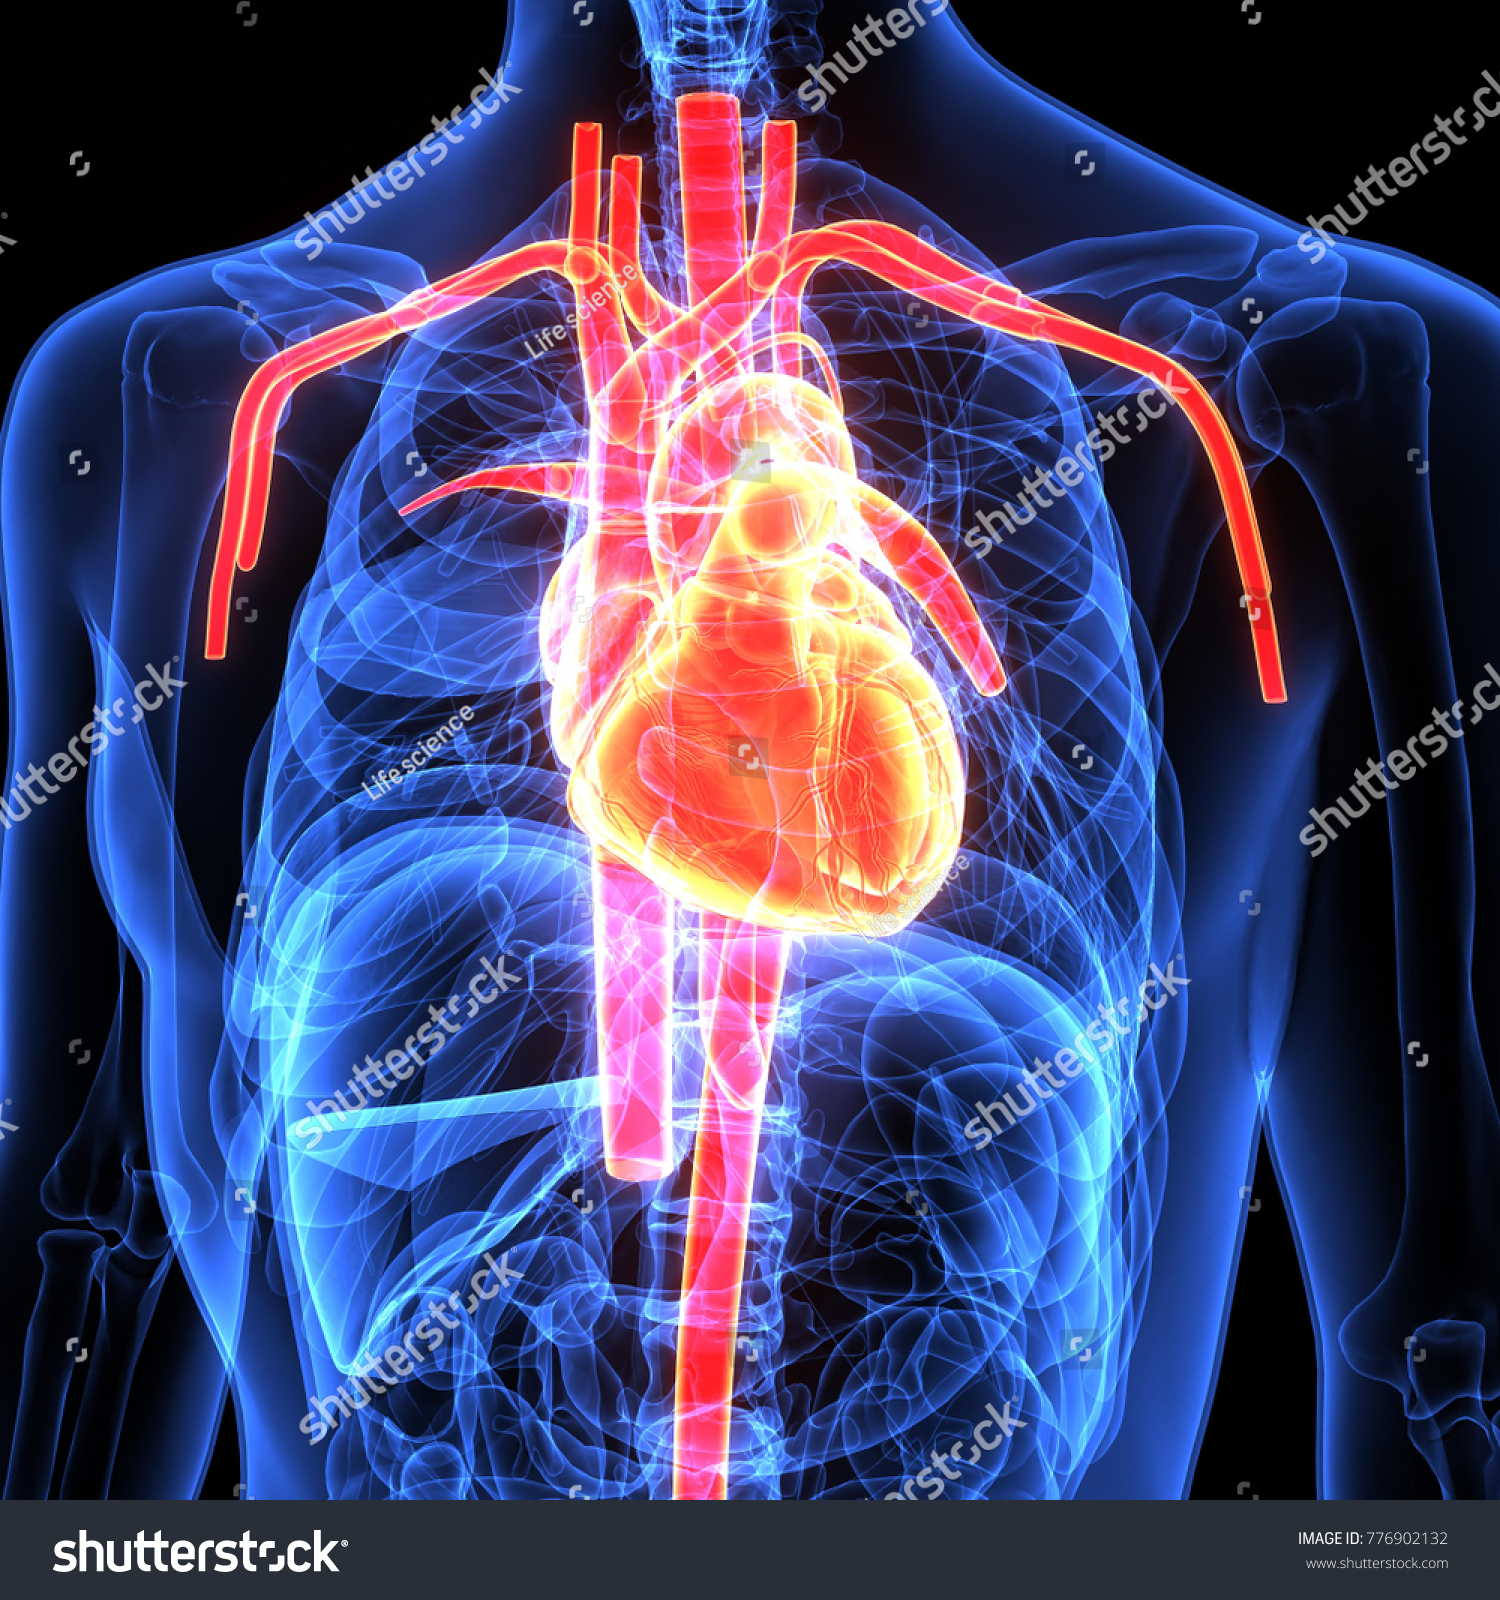 3 D Illustration Human Body Heart Anatomy Stock Illustration